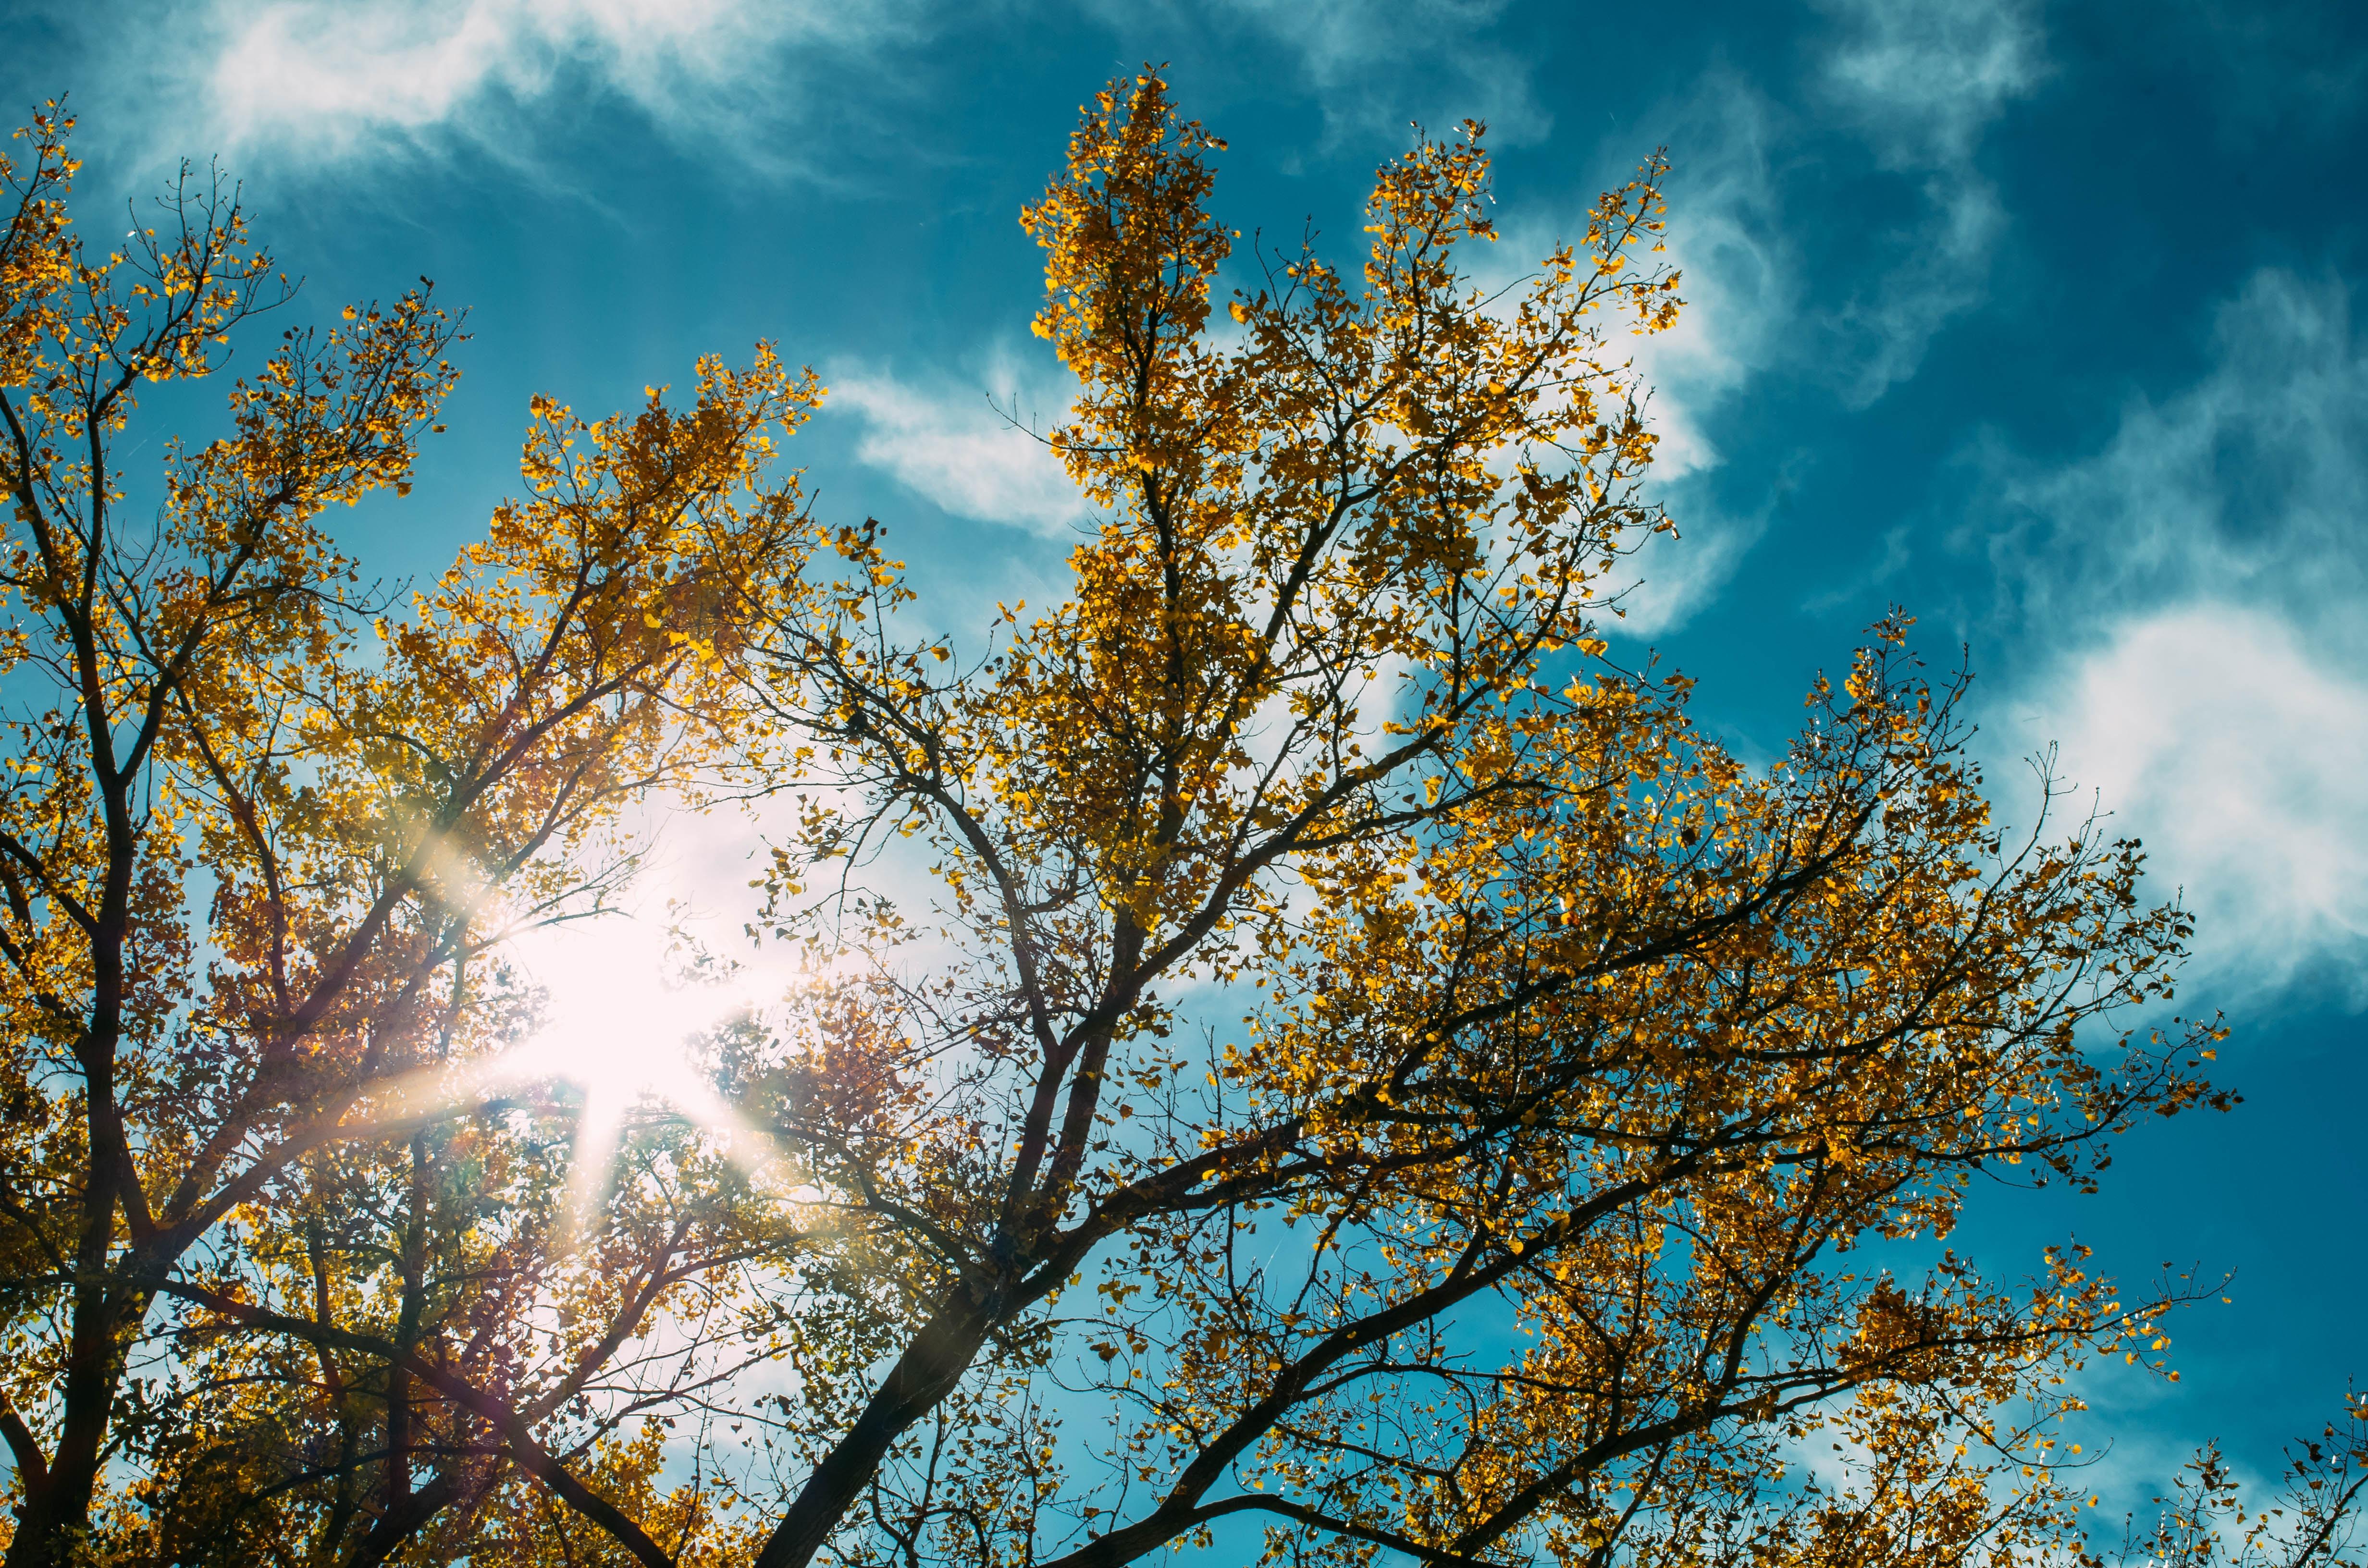 brown leafed trees